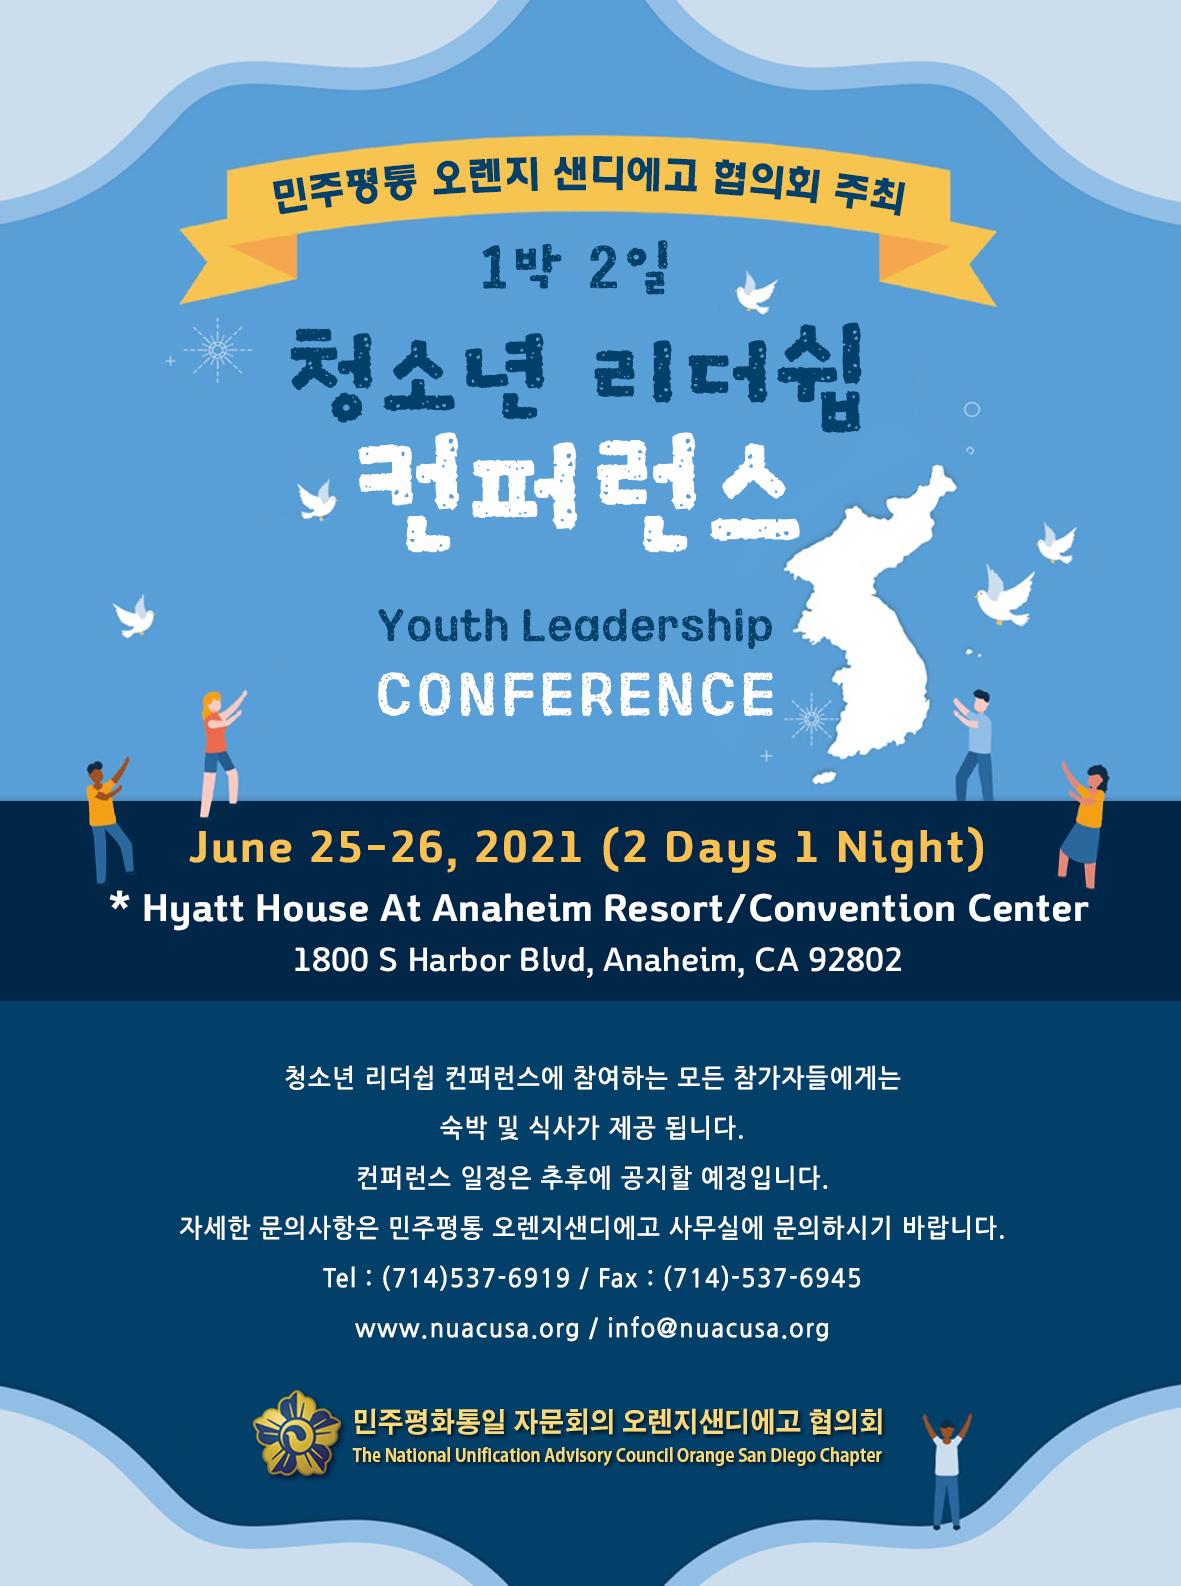 청소년 리더쉽 컨퍼런스 1.jpg